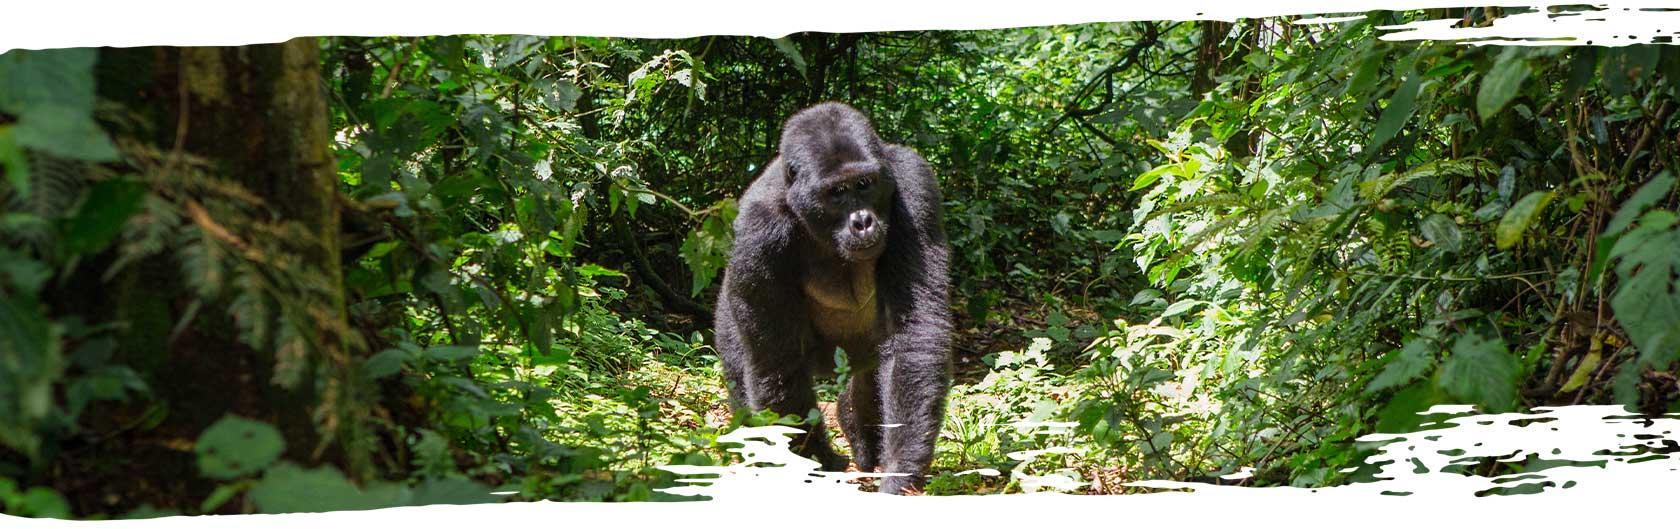 Silverback gorilla in Uganda National Park